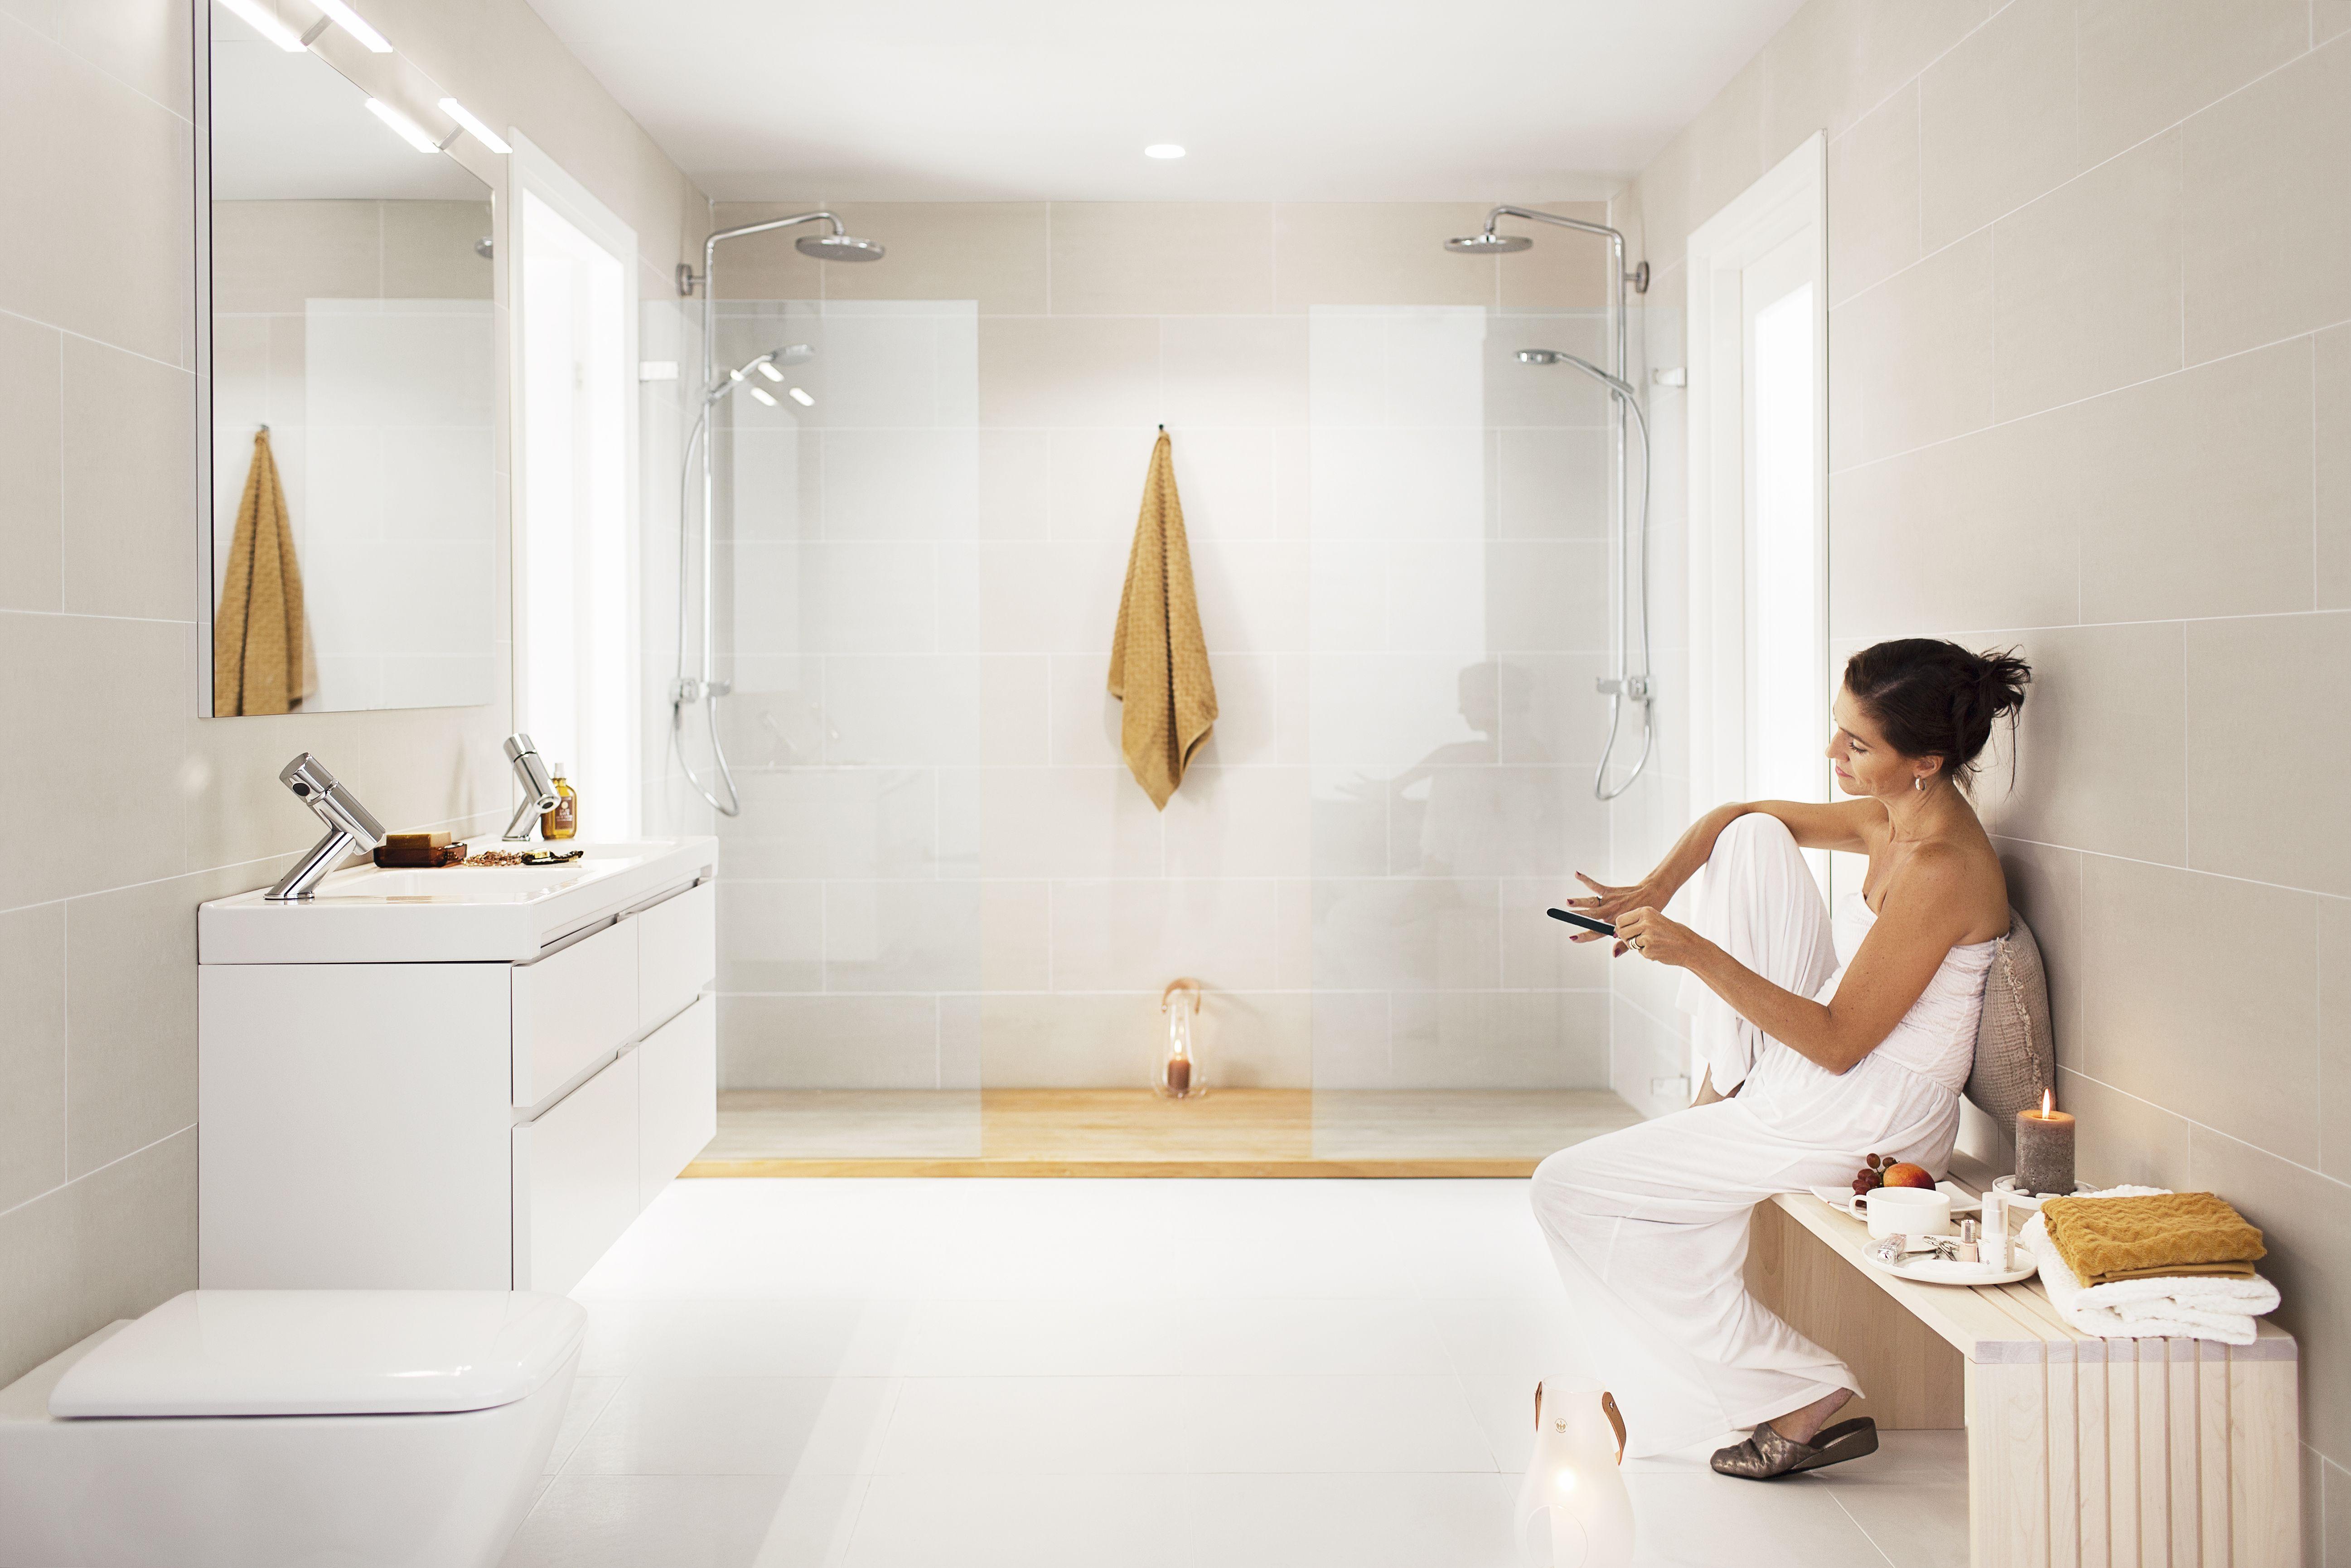 Kattovalaisin riittää hyvin esimerkiksi rentoon suihkuhetkeen tai nautinnolliseen kylpyyn.